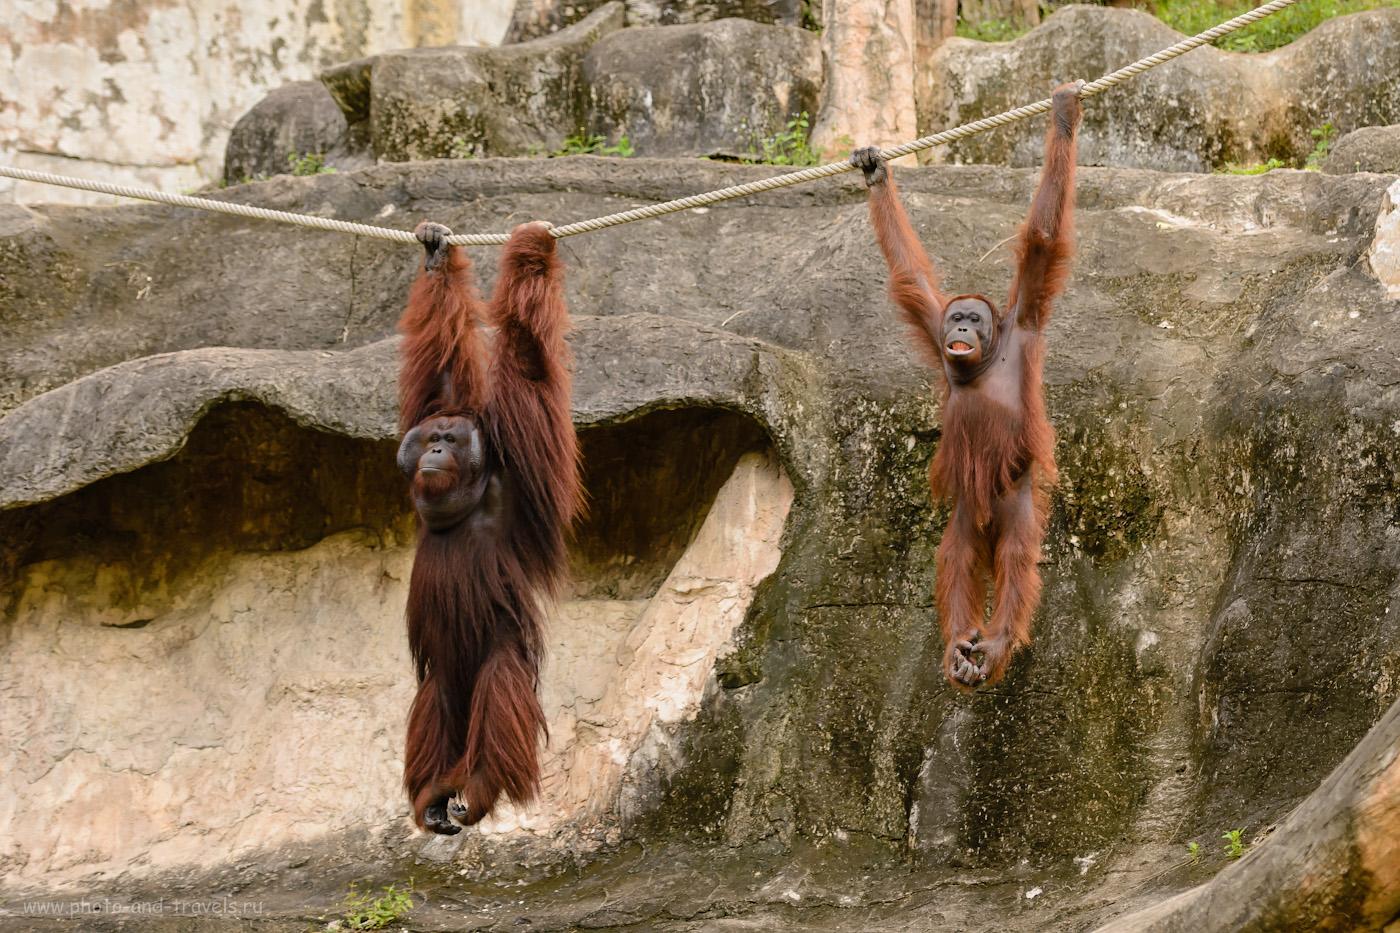 Фото 30. Орангутанги в зоопарке Khao Kheow Open Zoo. Где еще можно полюбоваться такими задаваками? 1/320, 2.8, 400, 102.